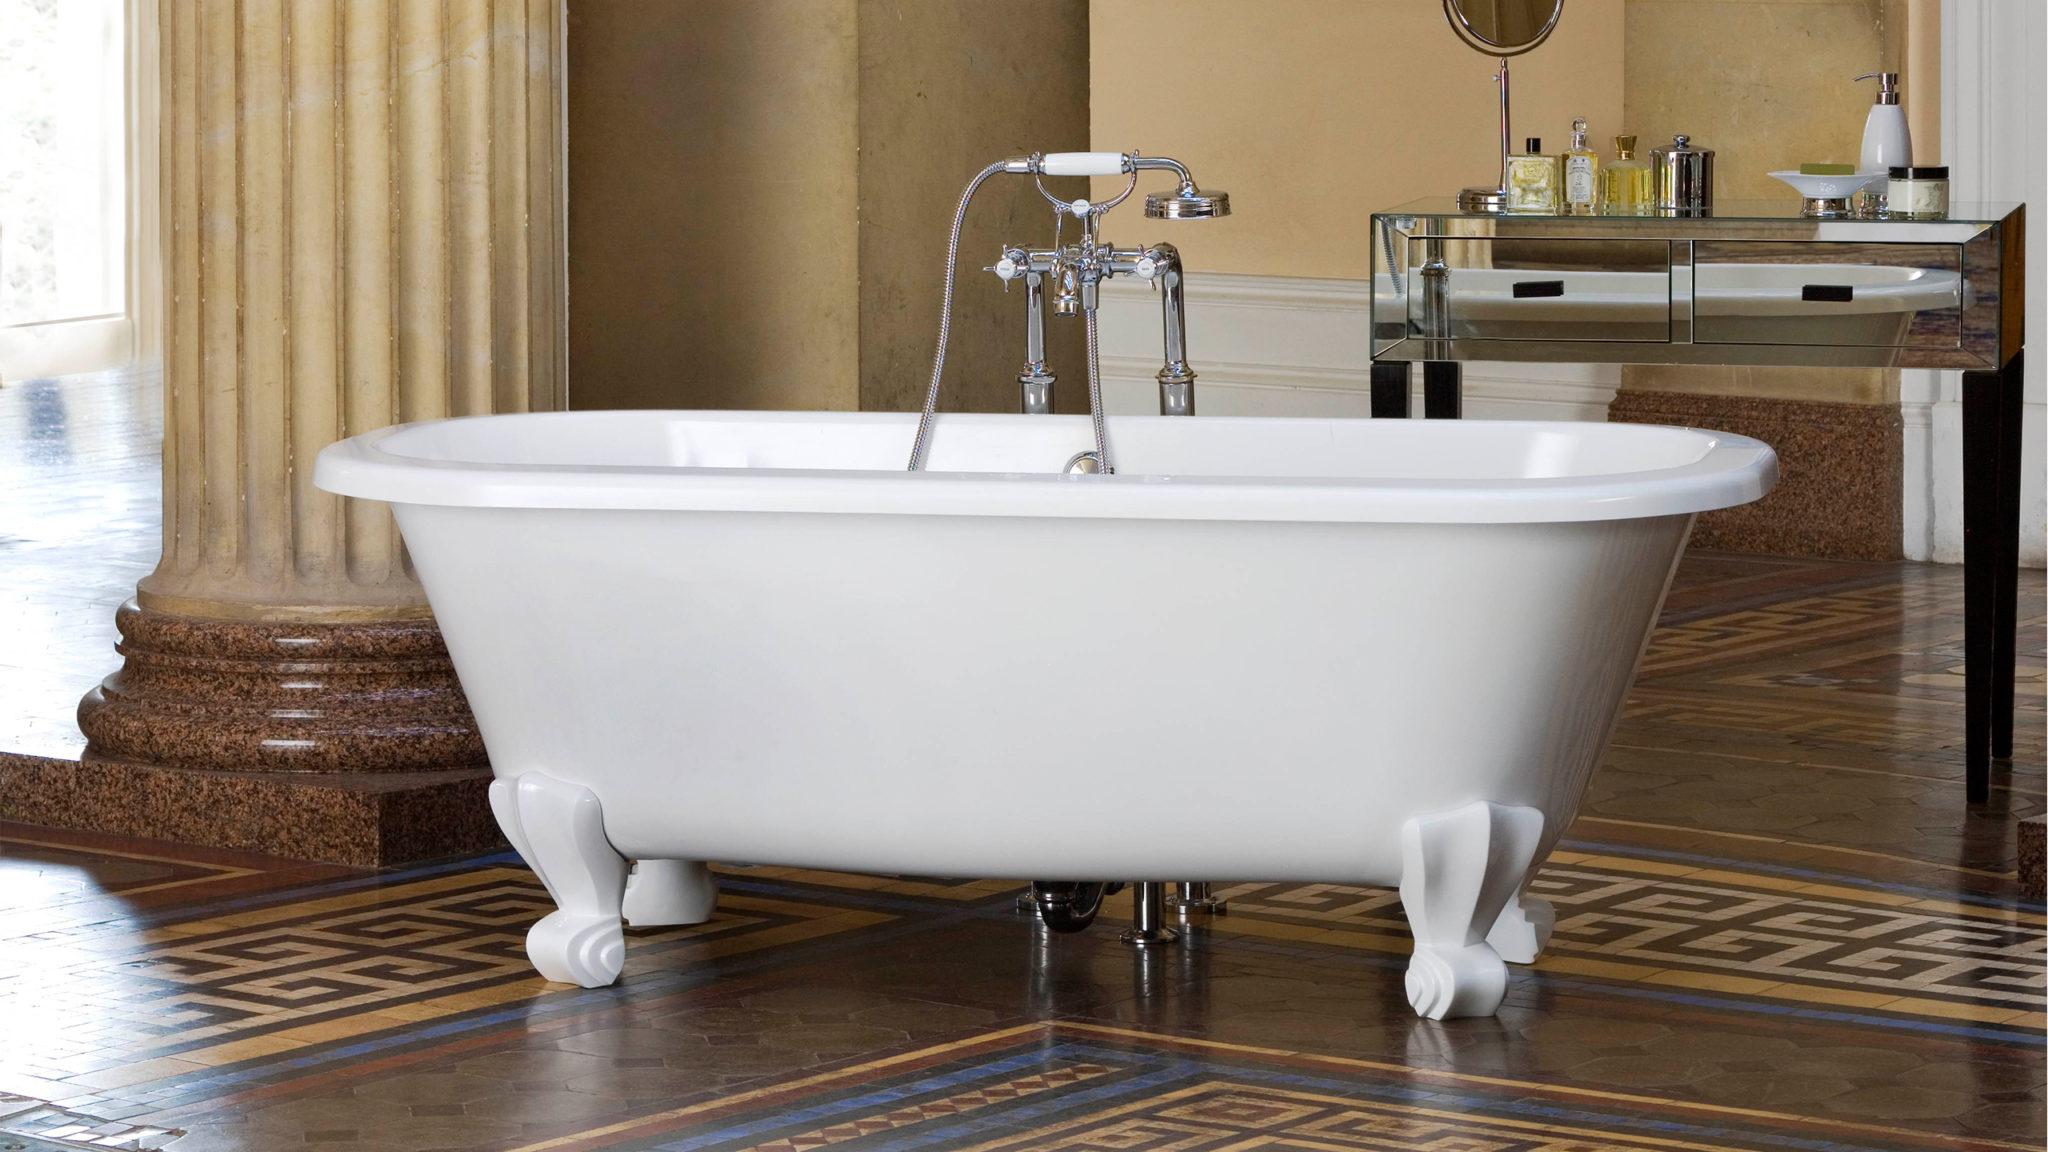 Riempire La Vasca Da Bagno In Inglese : Victoria albert baths cicchetta